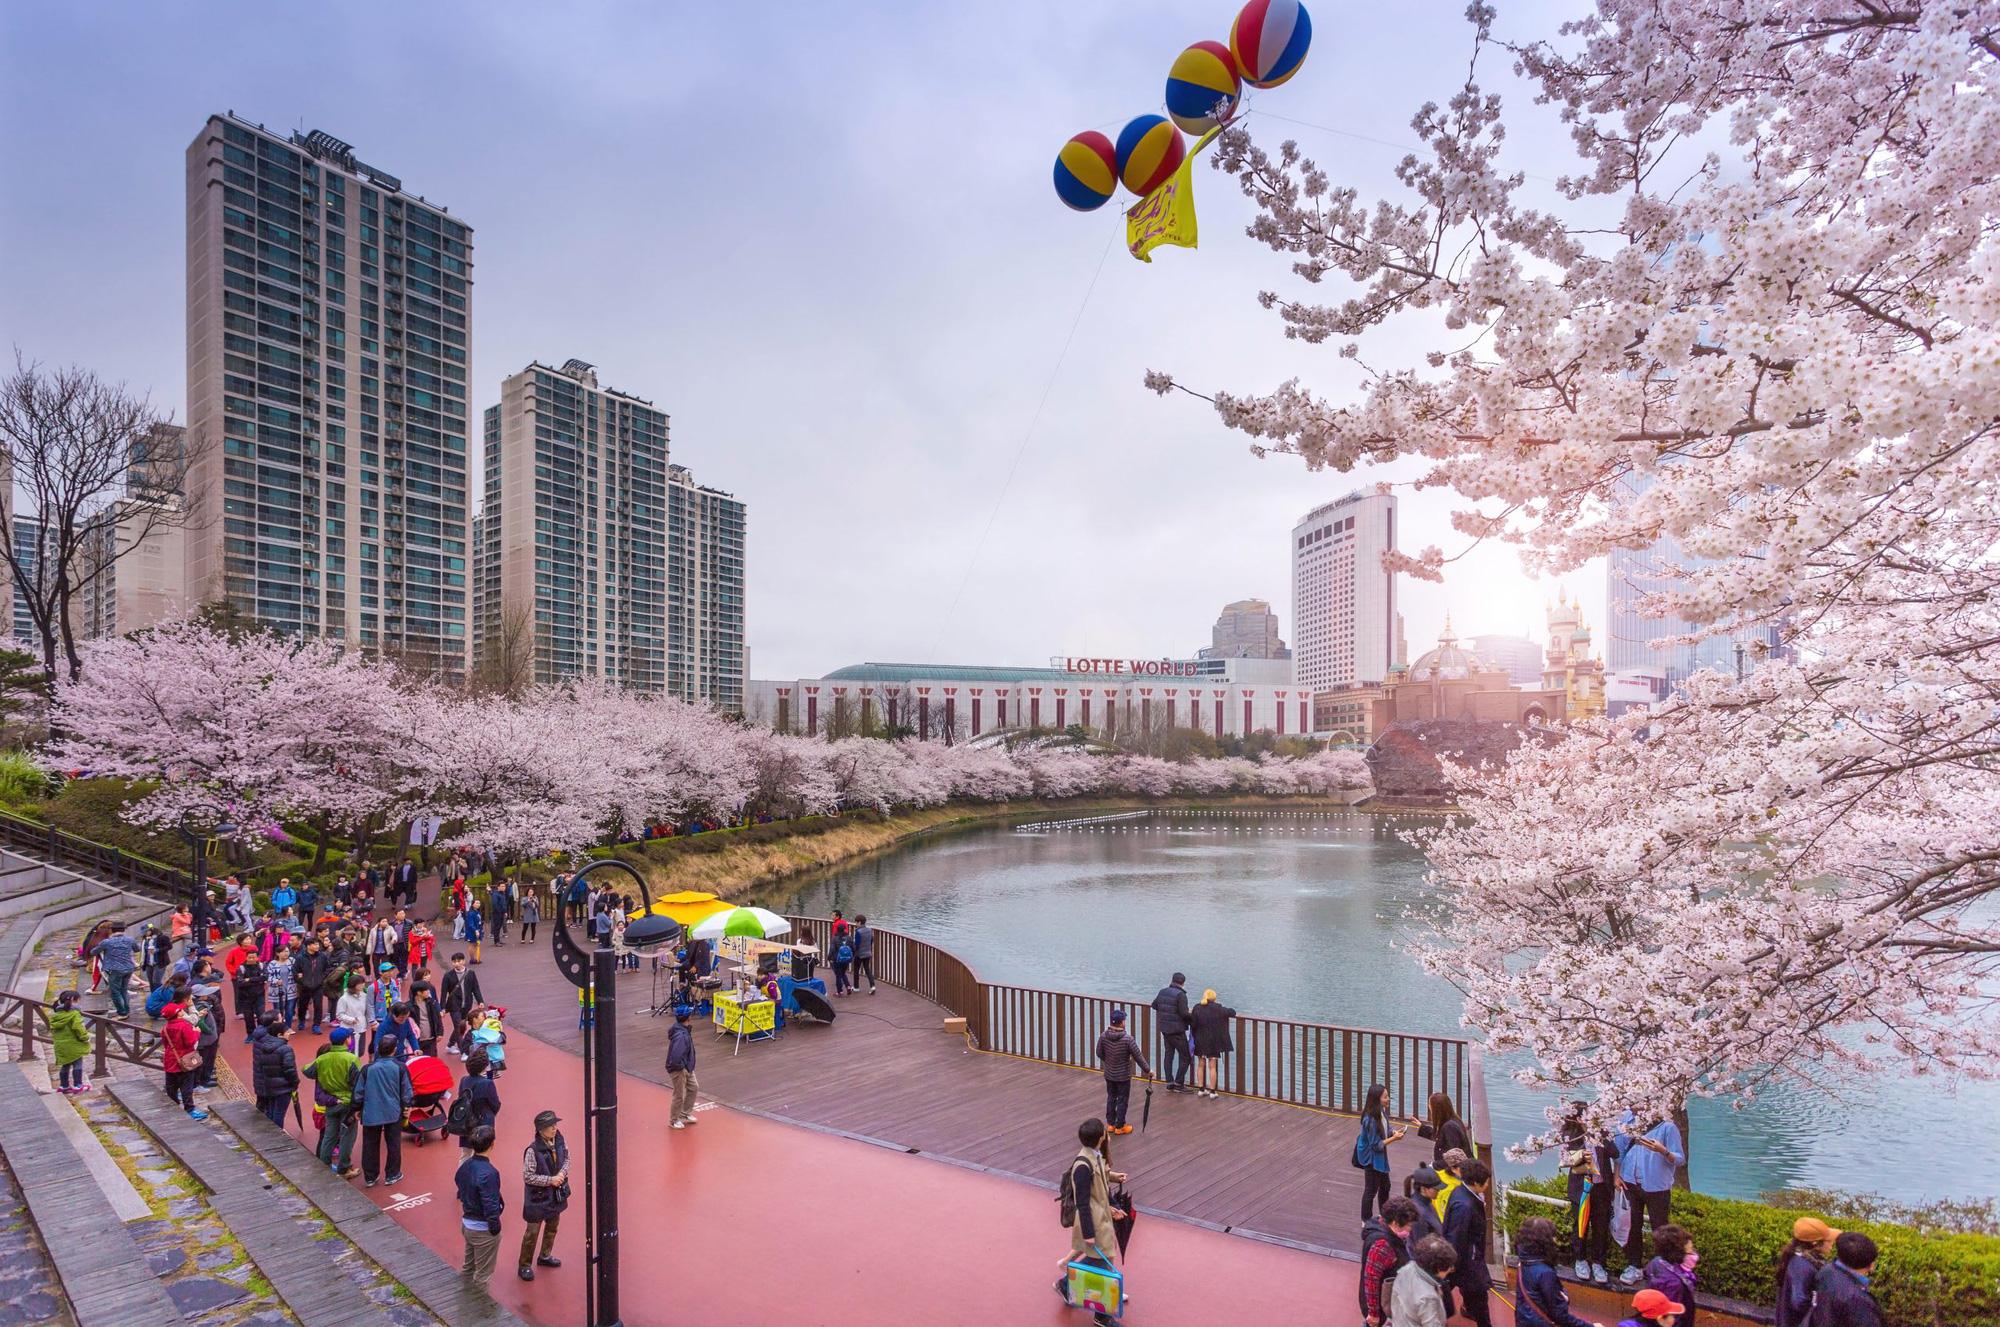 Hàn Quốc hủy lễ hội hoa anh đào vì dịch Covid-19 - Ảnh 1.